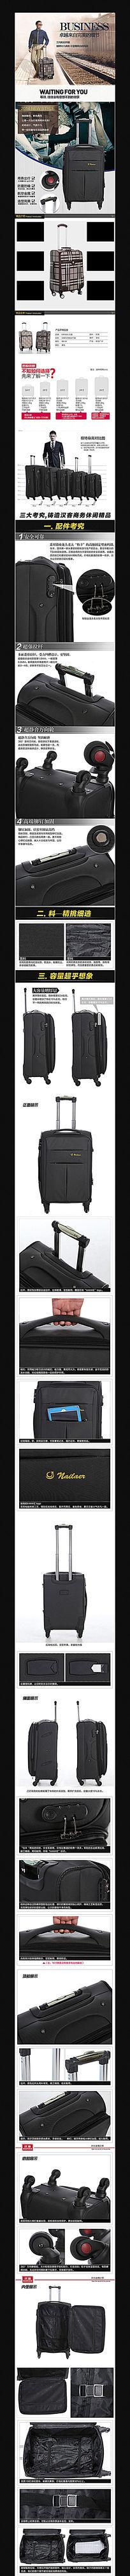 淘宝皮包详情页描述模板